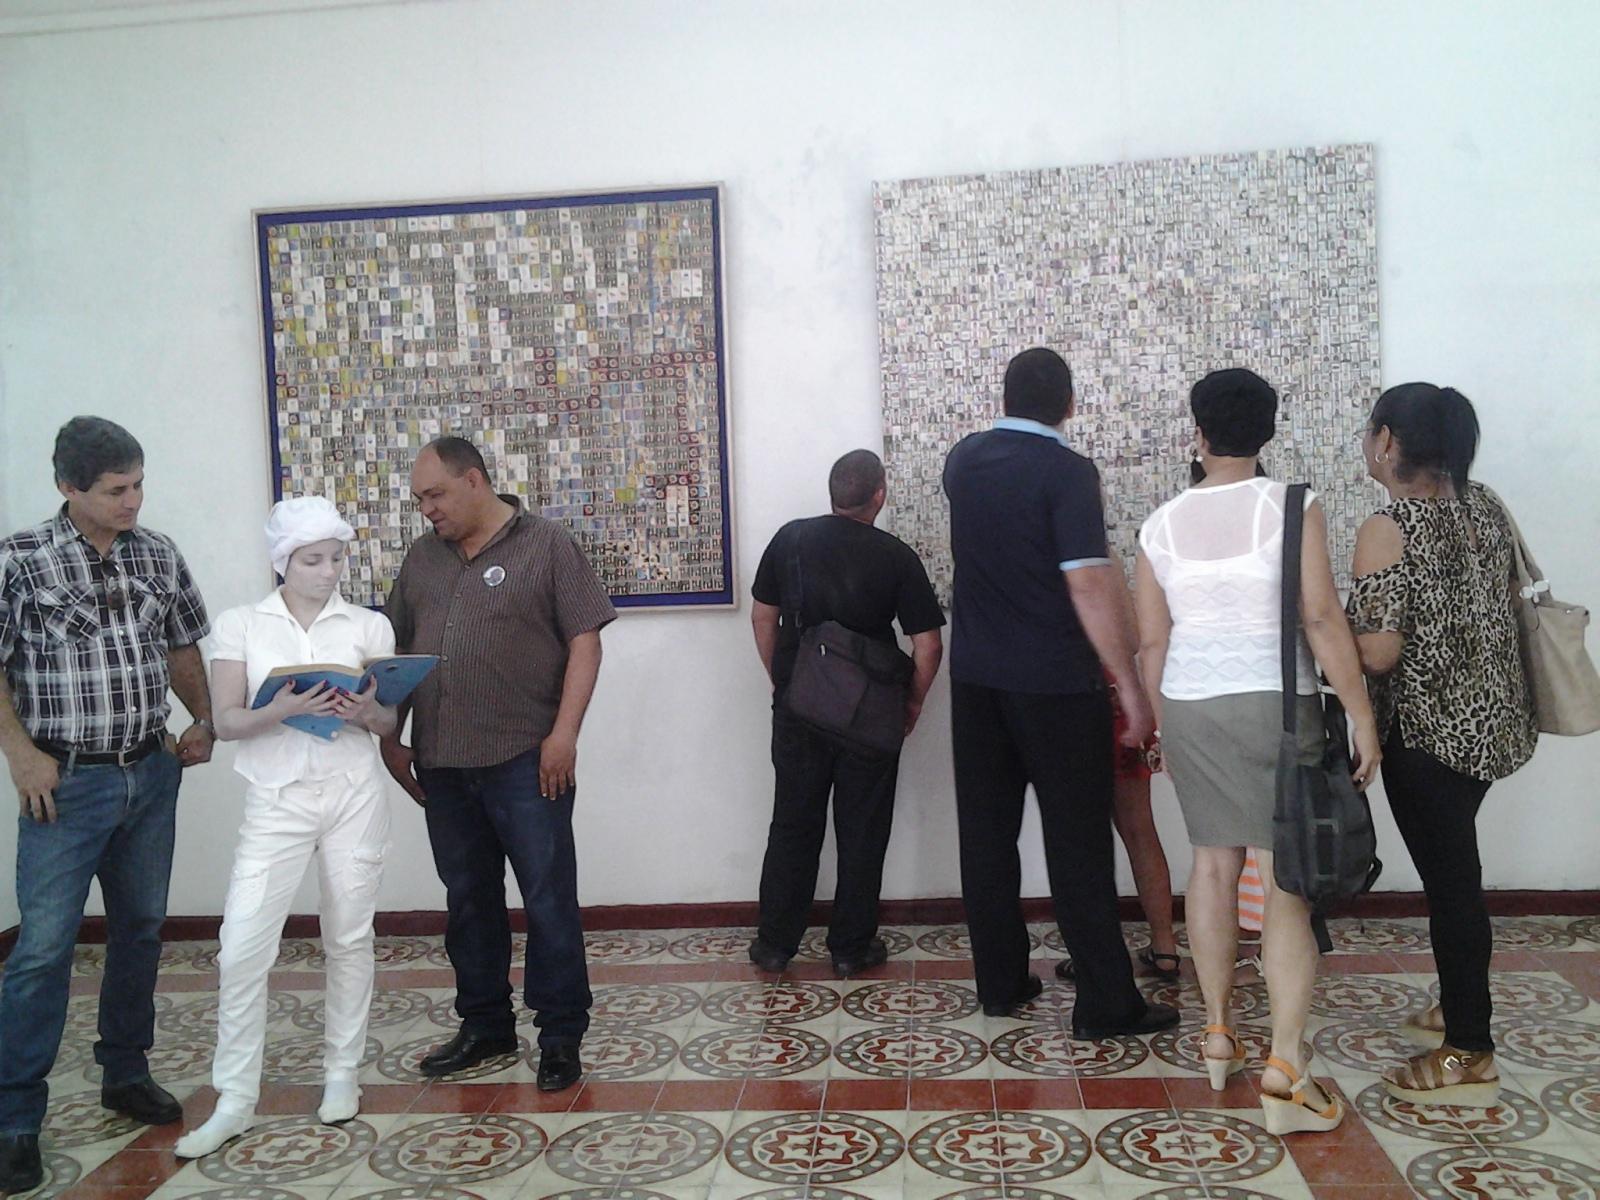 Estrena Manzanillo Palacio de las tecnologías (+ fotos)